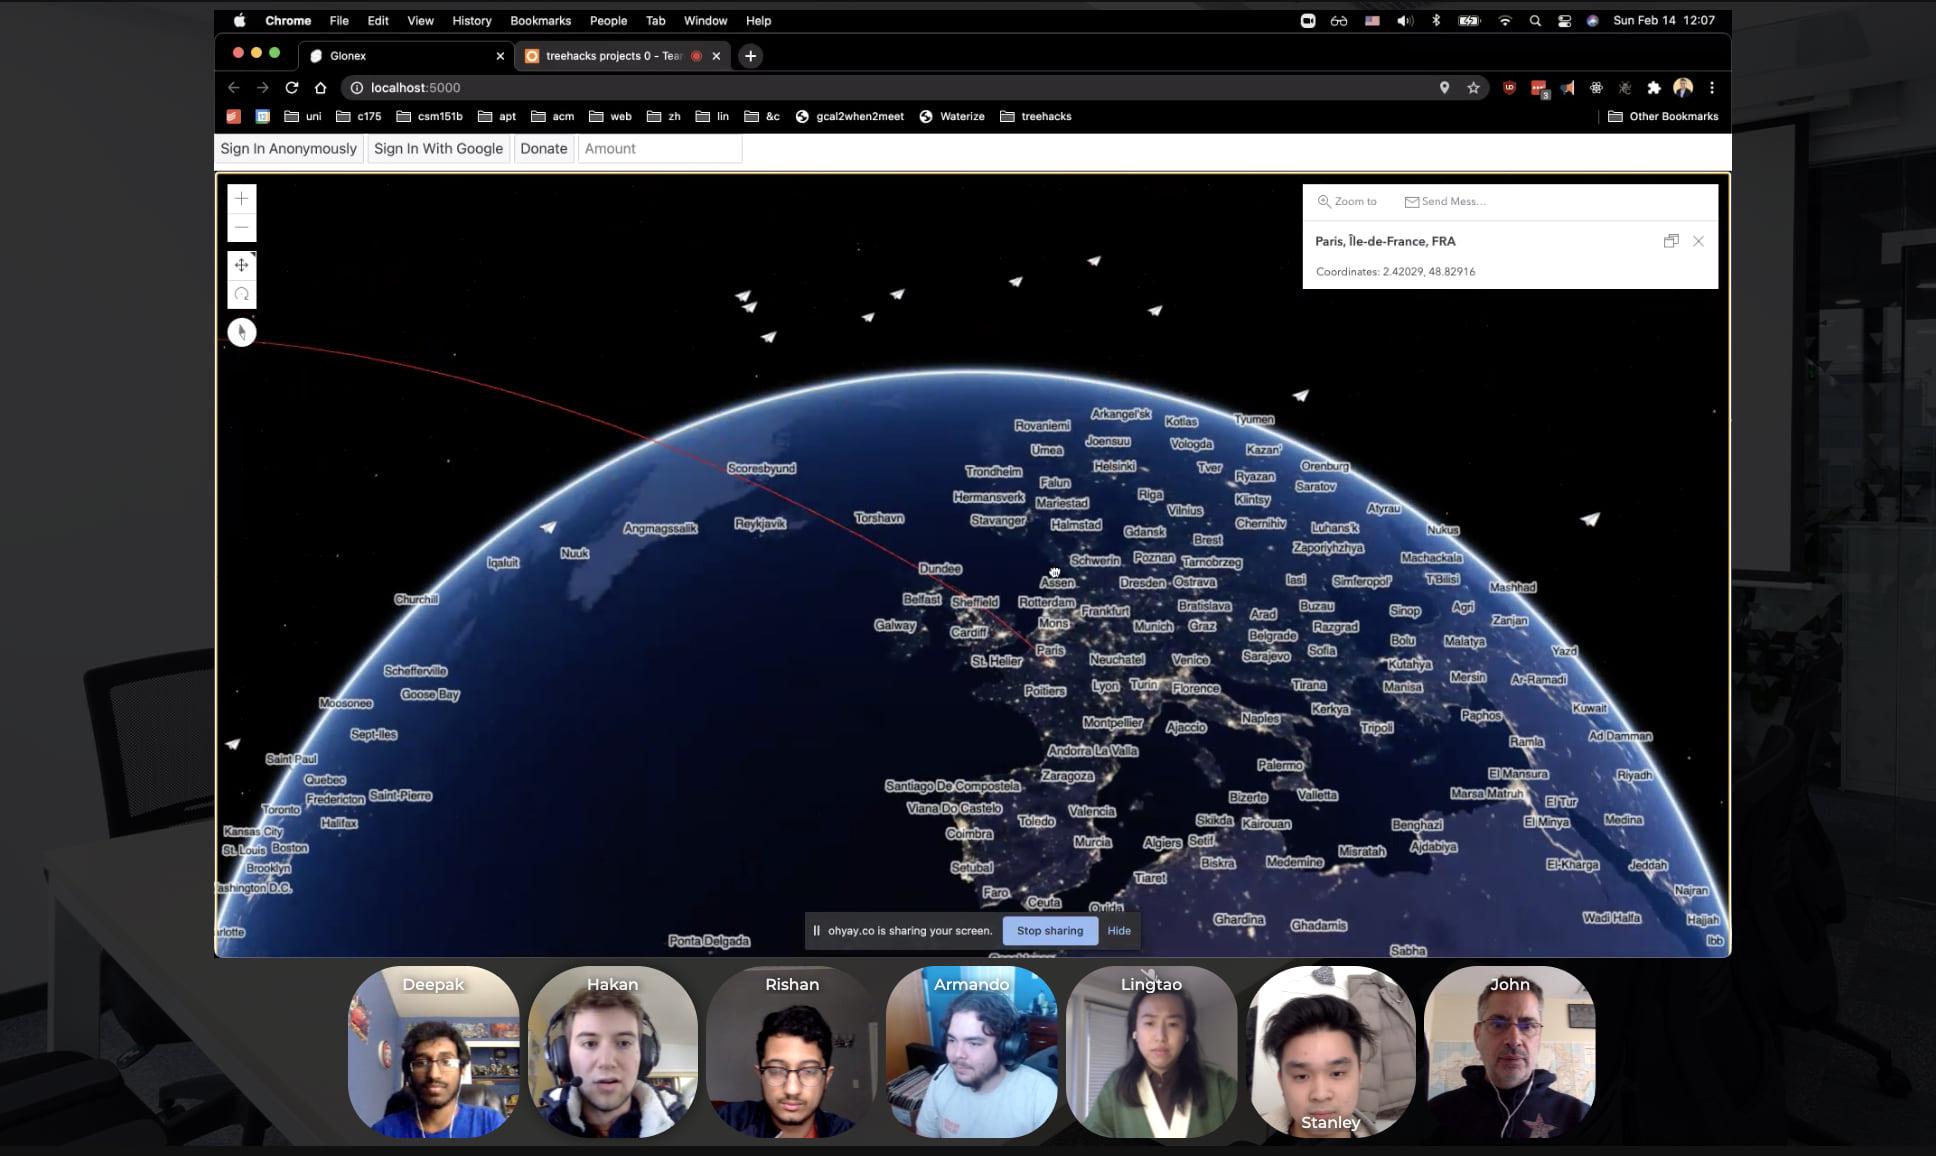 Stanford University Treehacks glonex presentation